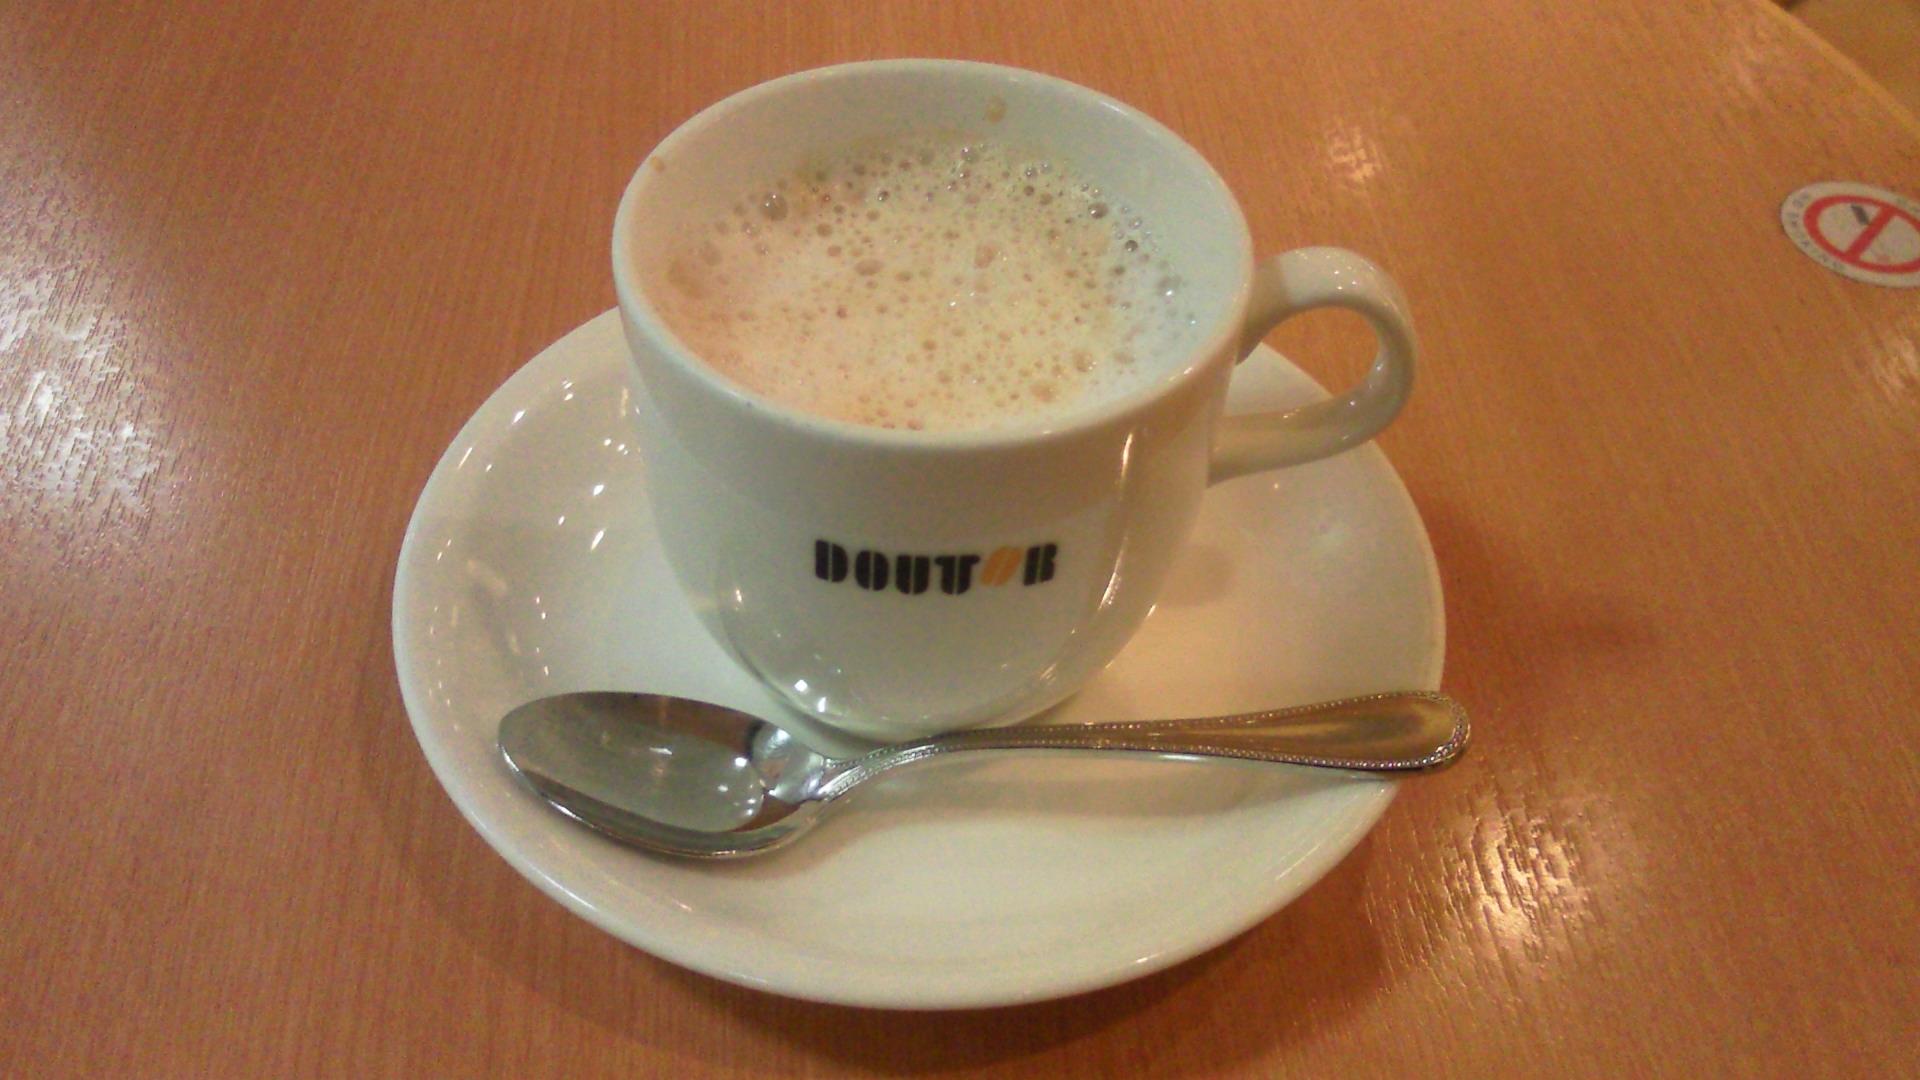 ドトールコーヒーショップ 京王橋本店